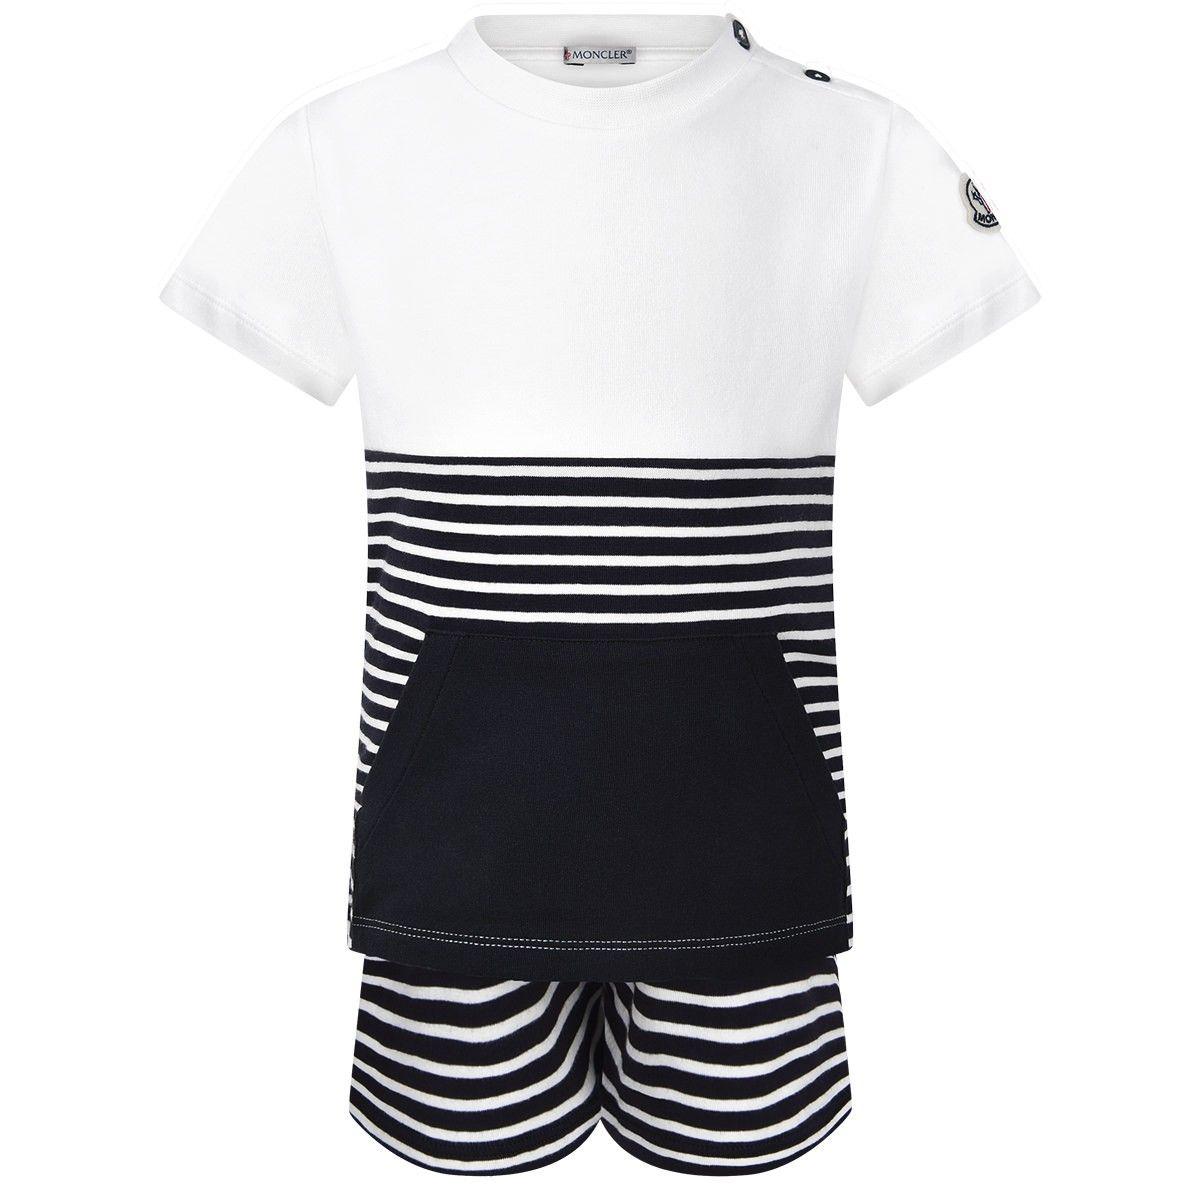 83a0c2539722 Moncler Baby Boys Navy Top   Shorts Set